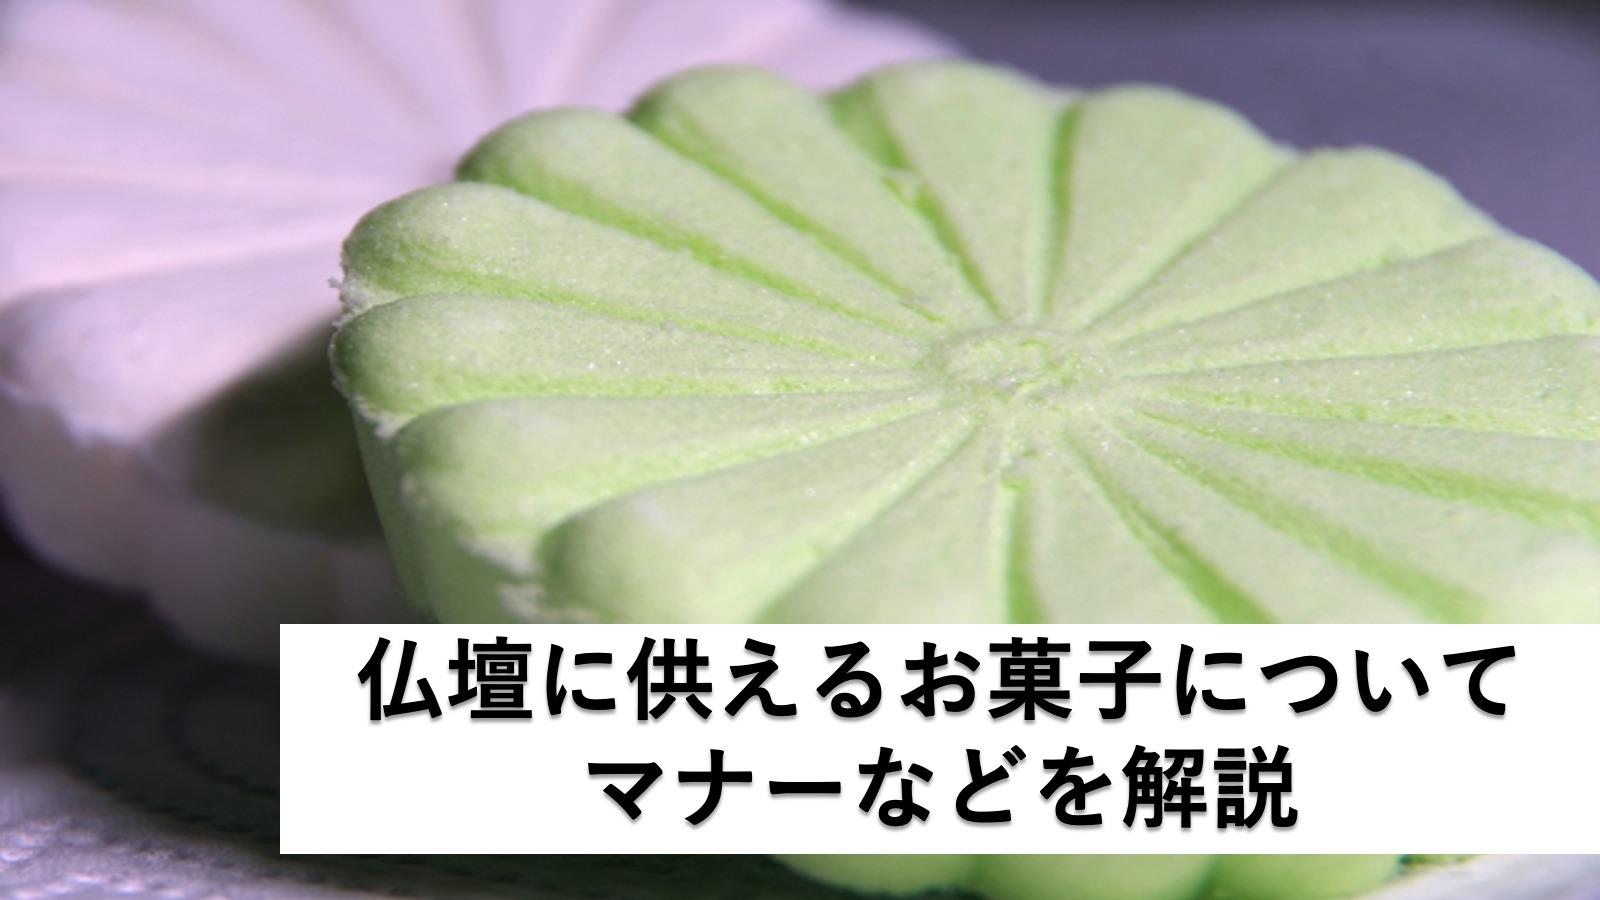 仏壇にお供えするお菓子は何が適切?他にも知っておくべき常識も